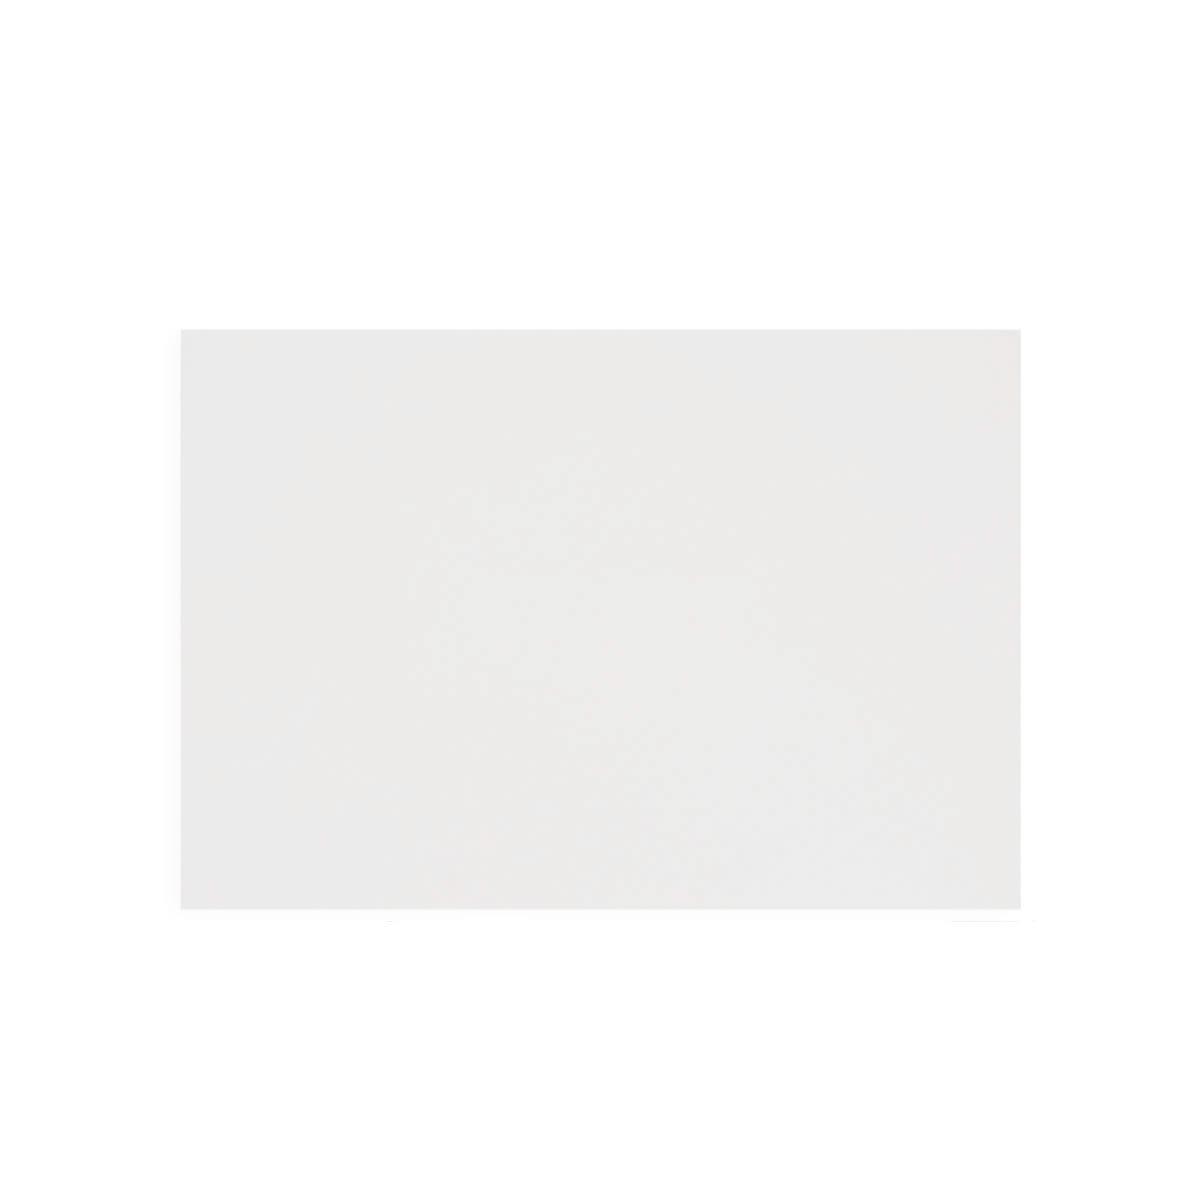 C5 CALLISTO DIAMOND WHITE 135GSM ENVELOPES